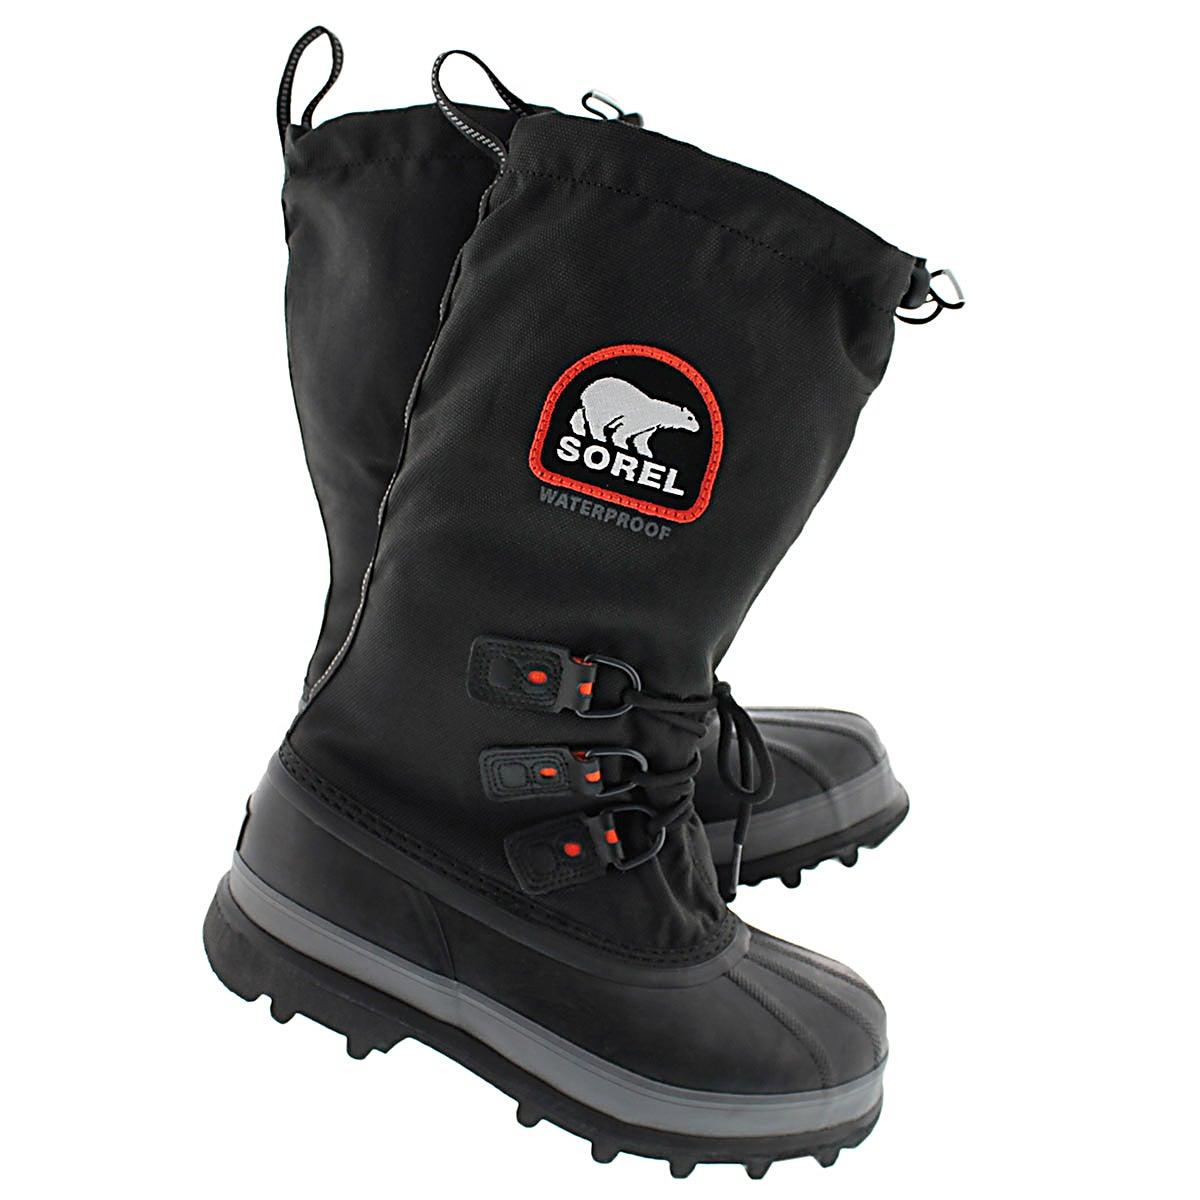 Mns Bear XT blk wtrpf winter boot